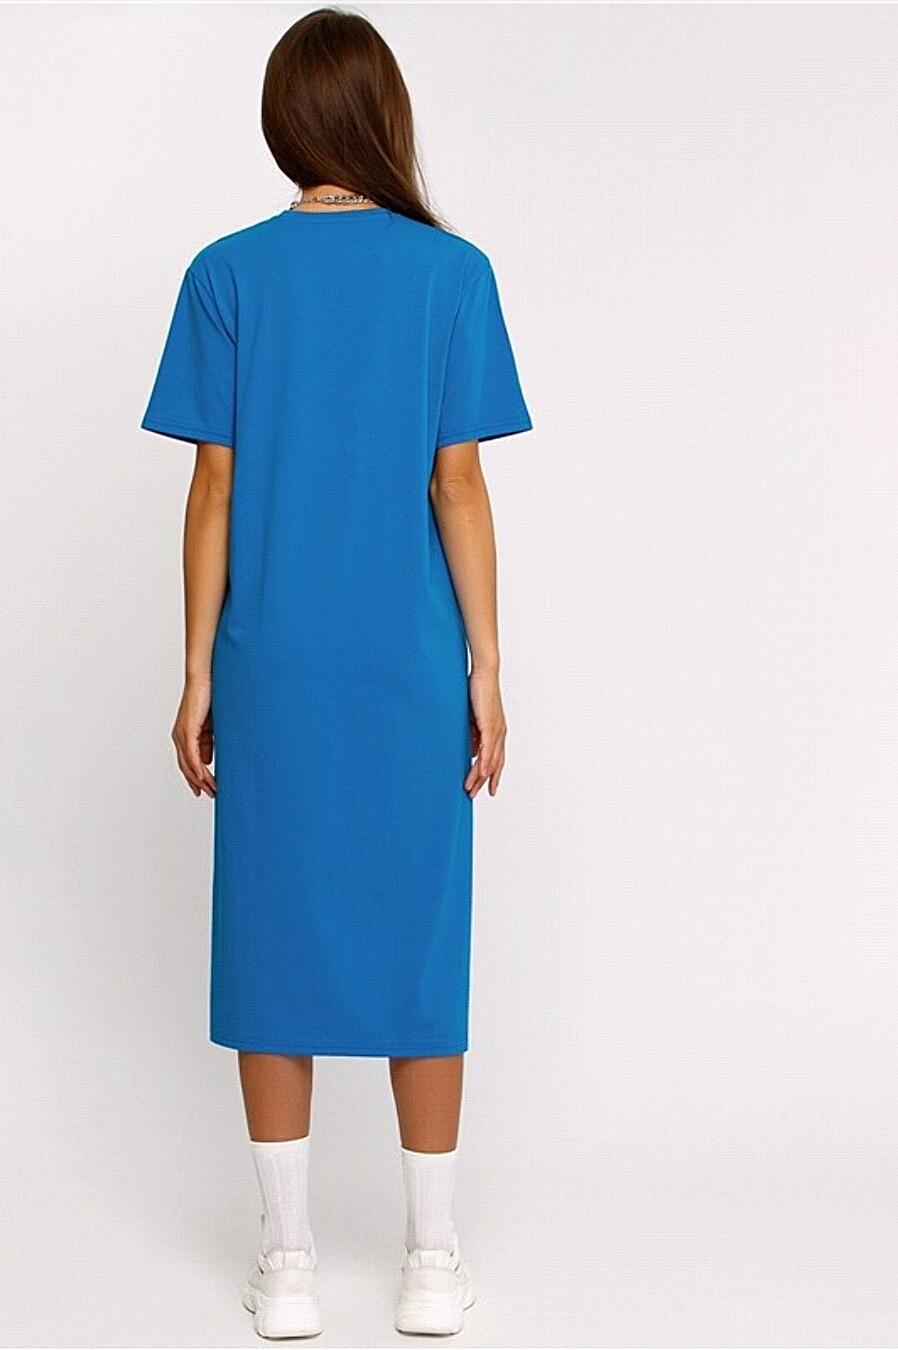 Платье для женщин АПРЕЛЬ 683541 купить оптом от производителя. Совместная покупка женской одежды в OptMoyo